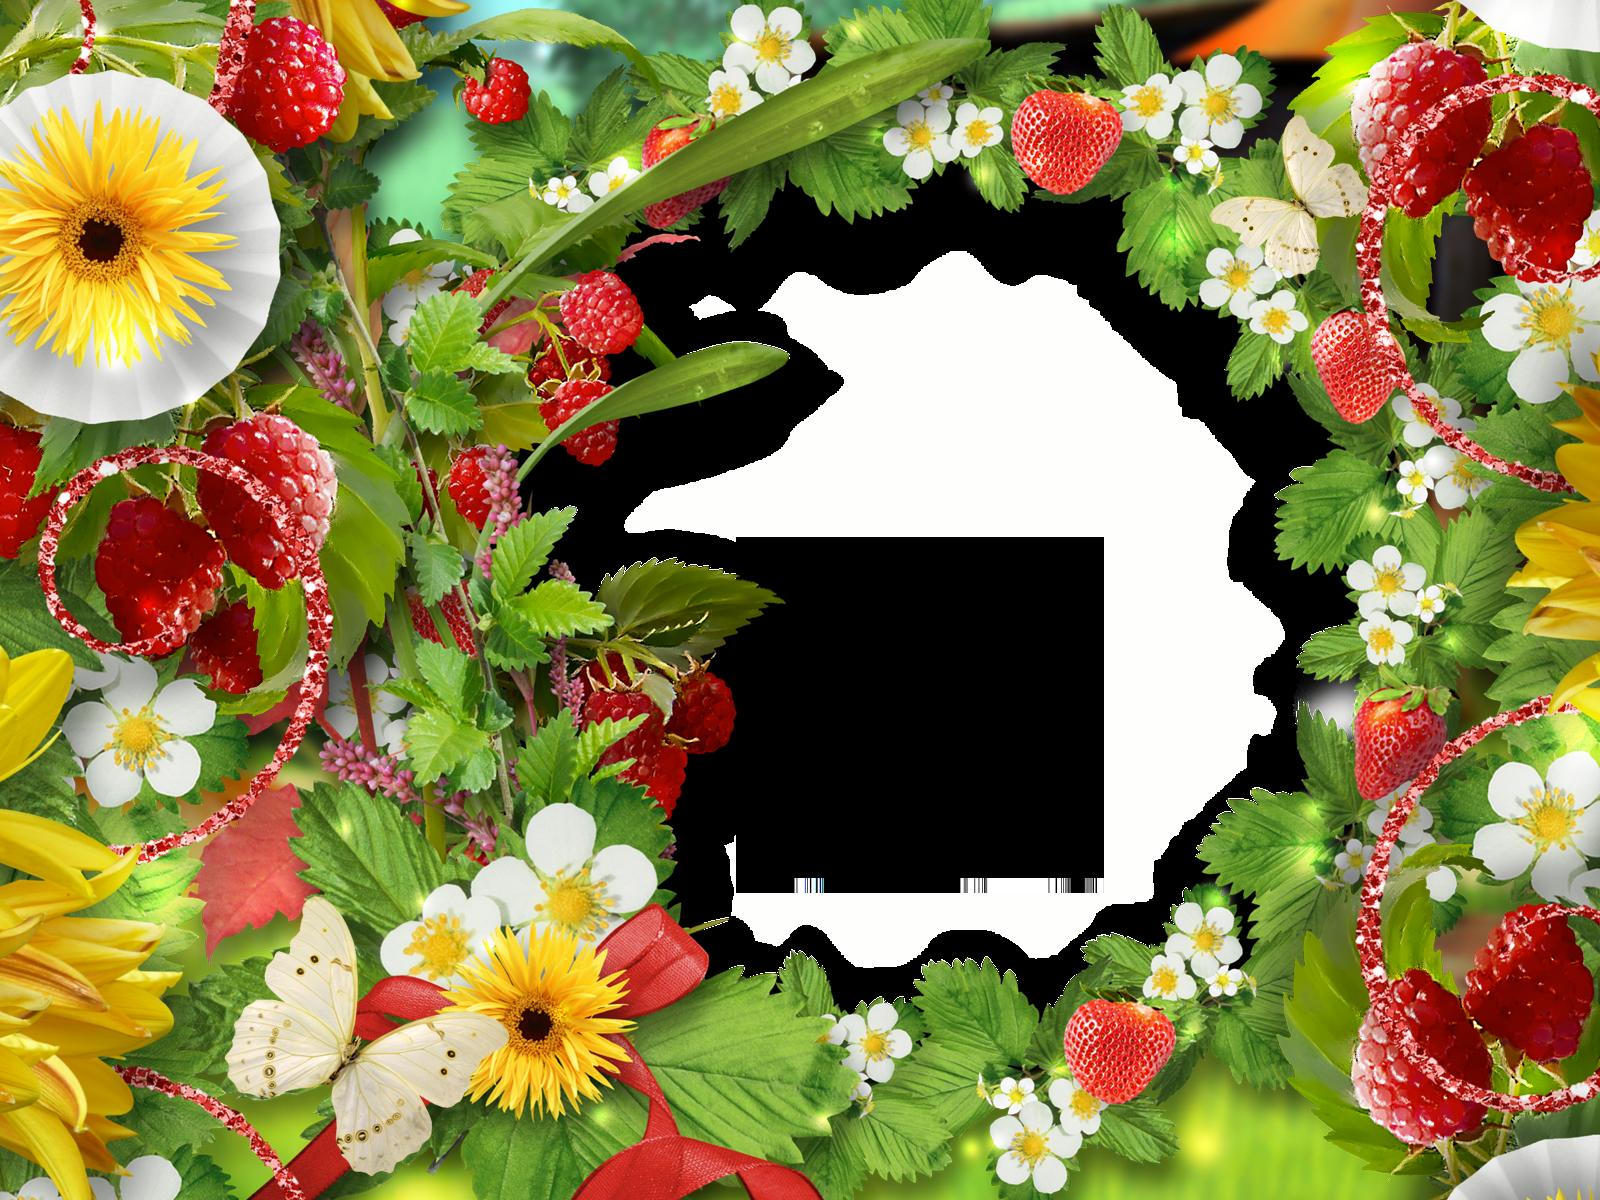 способ всегда фоторамки с ягодами верхнем фото